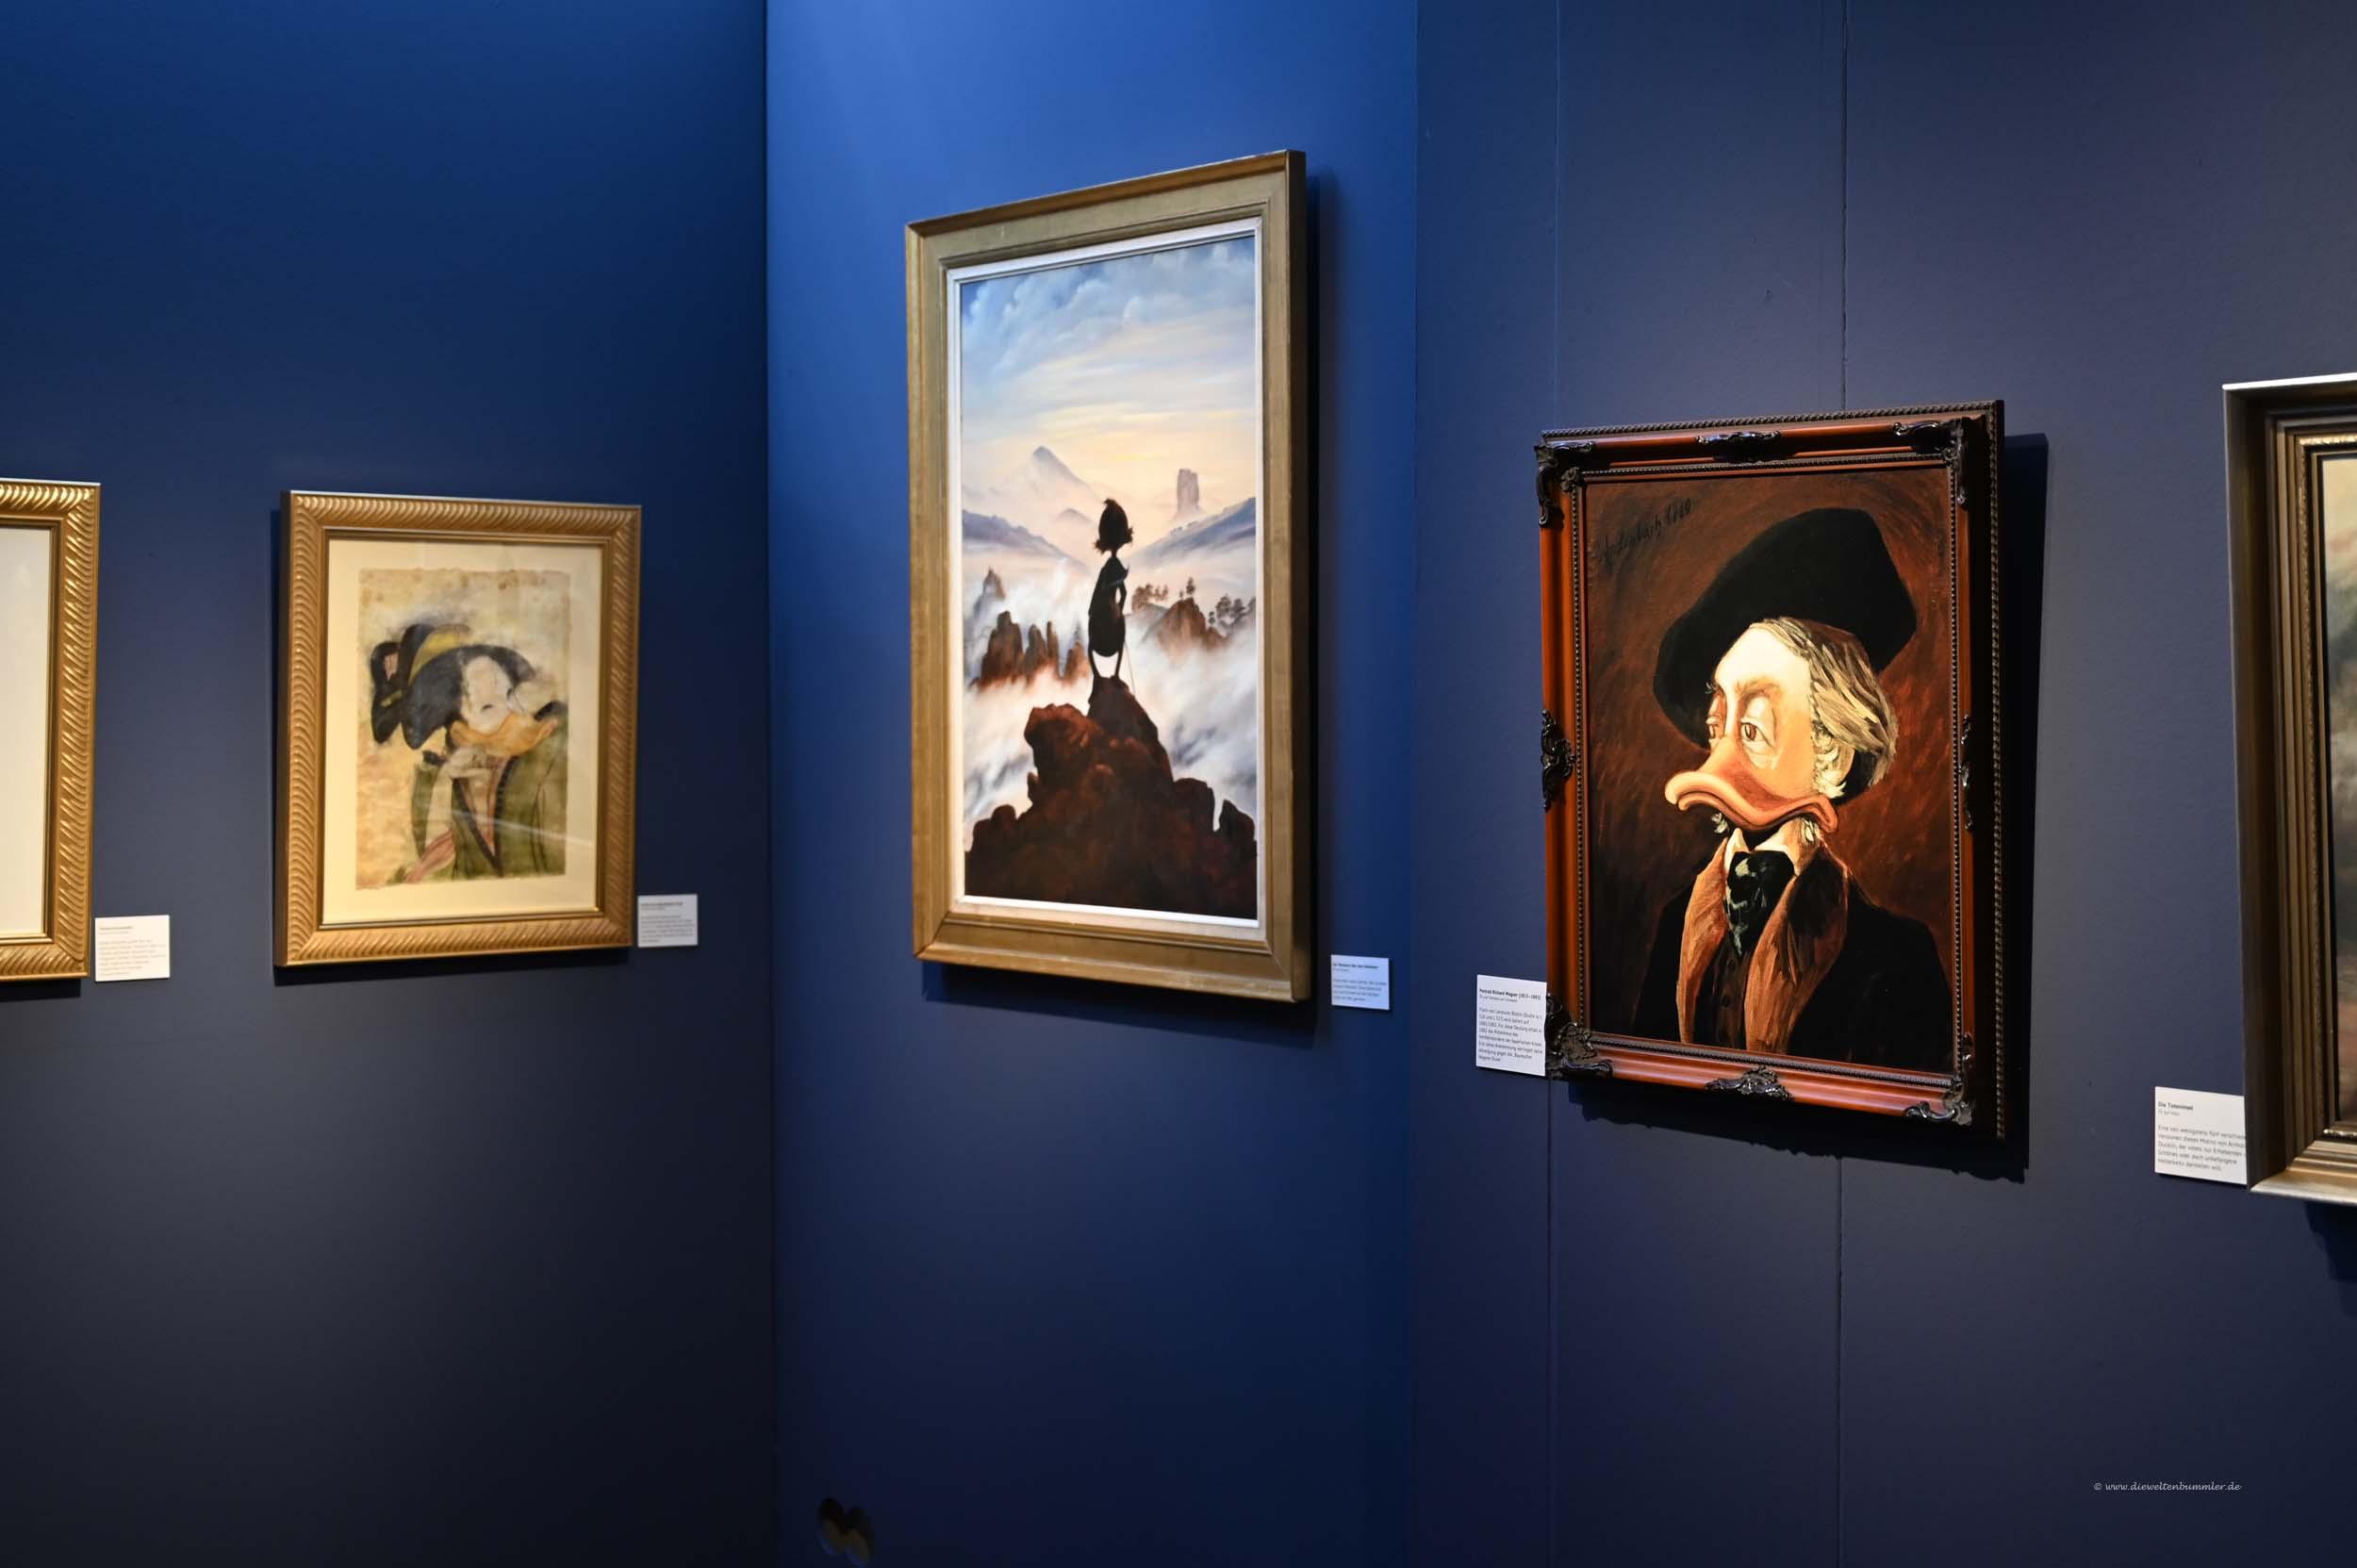 Gemäldegalerie der Enten